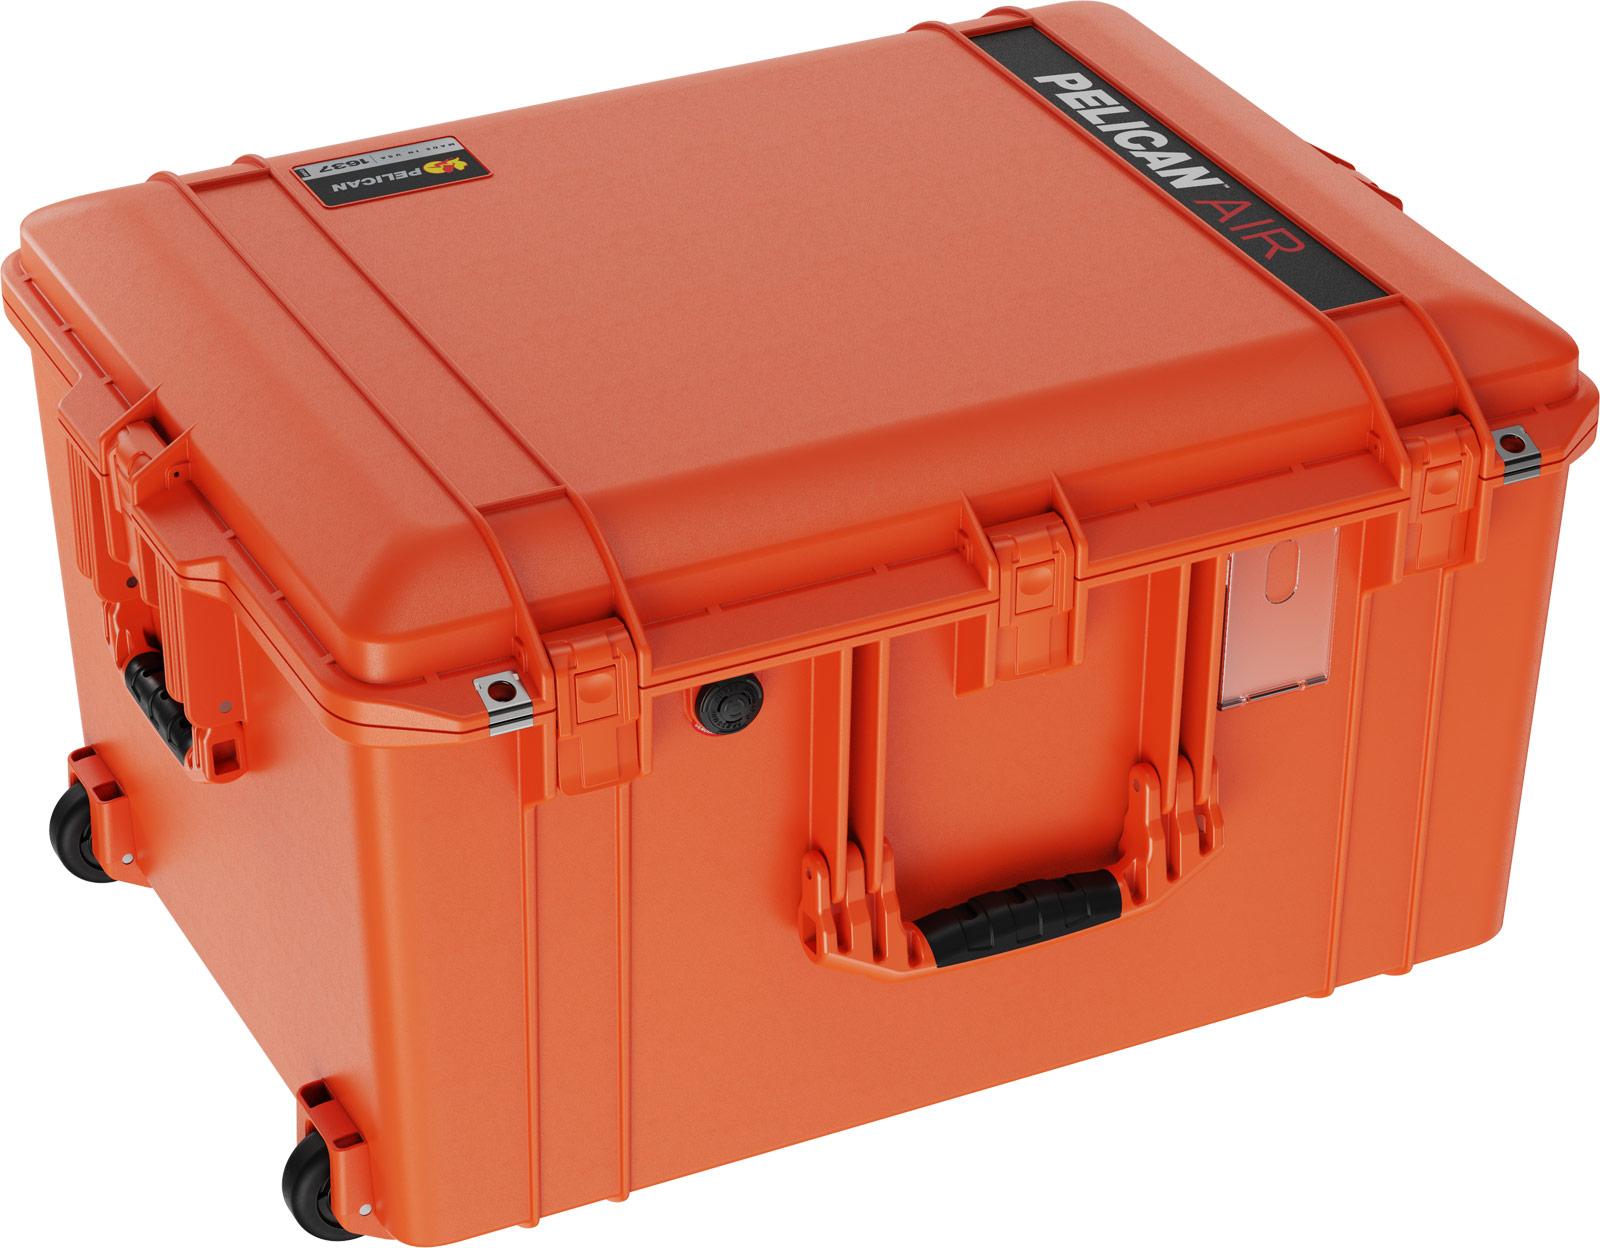 pelican 1637 air case orange cases rolling